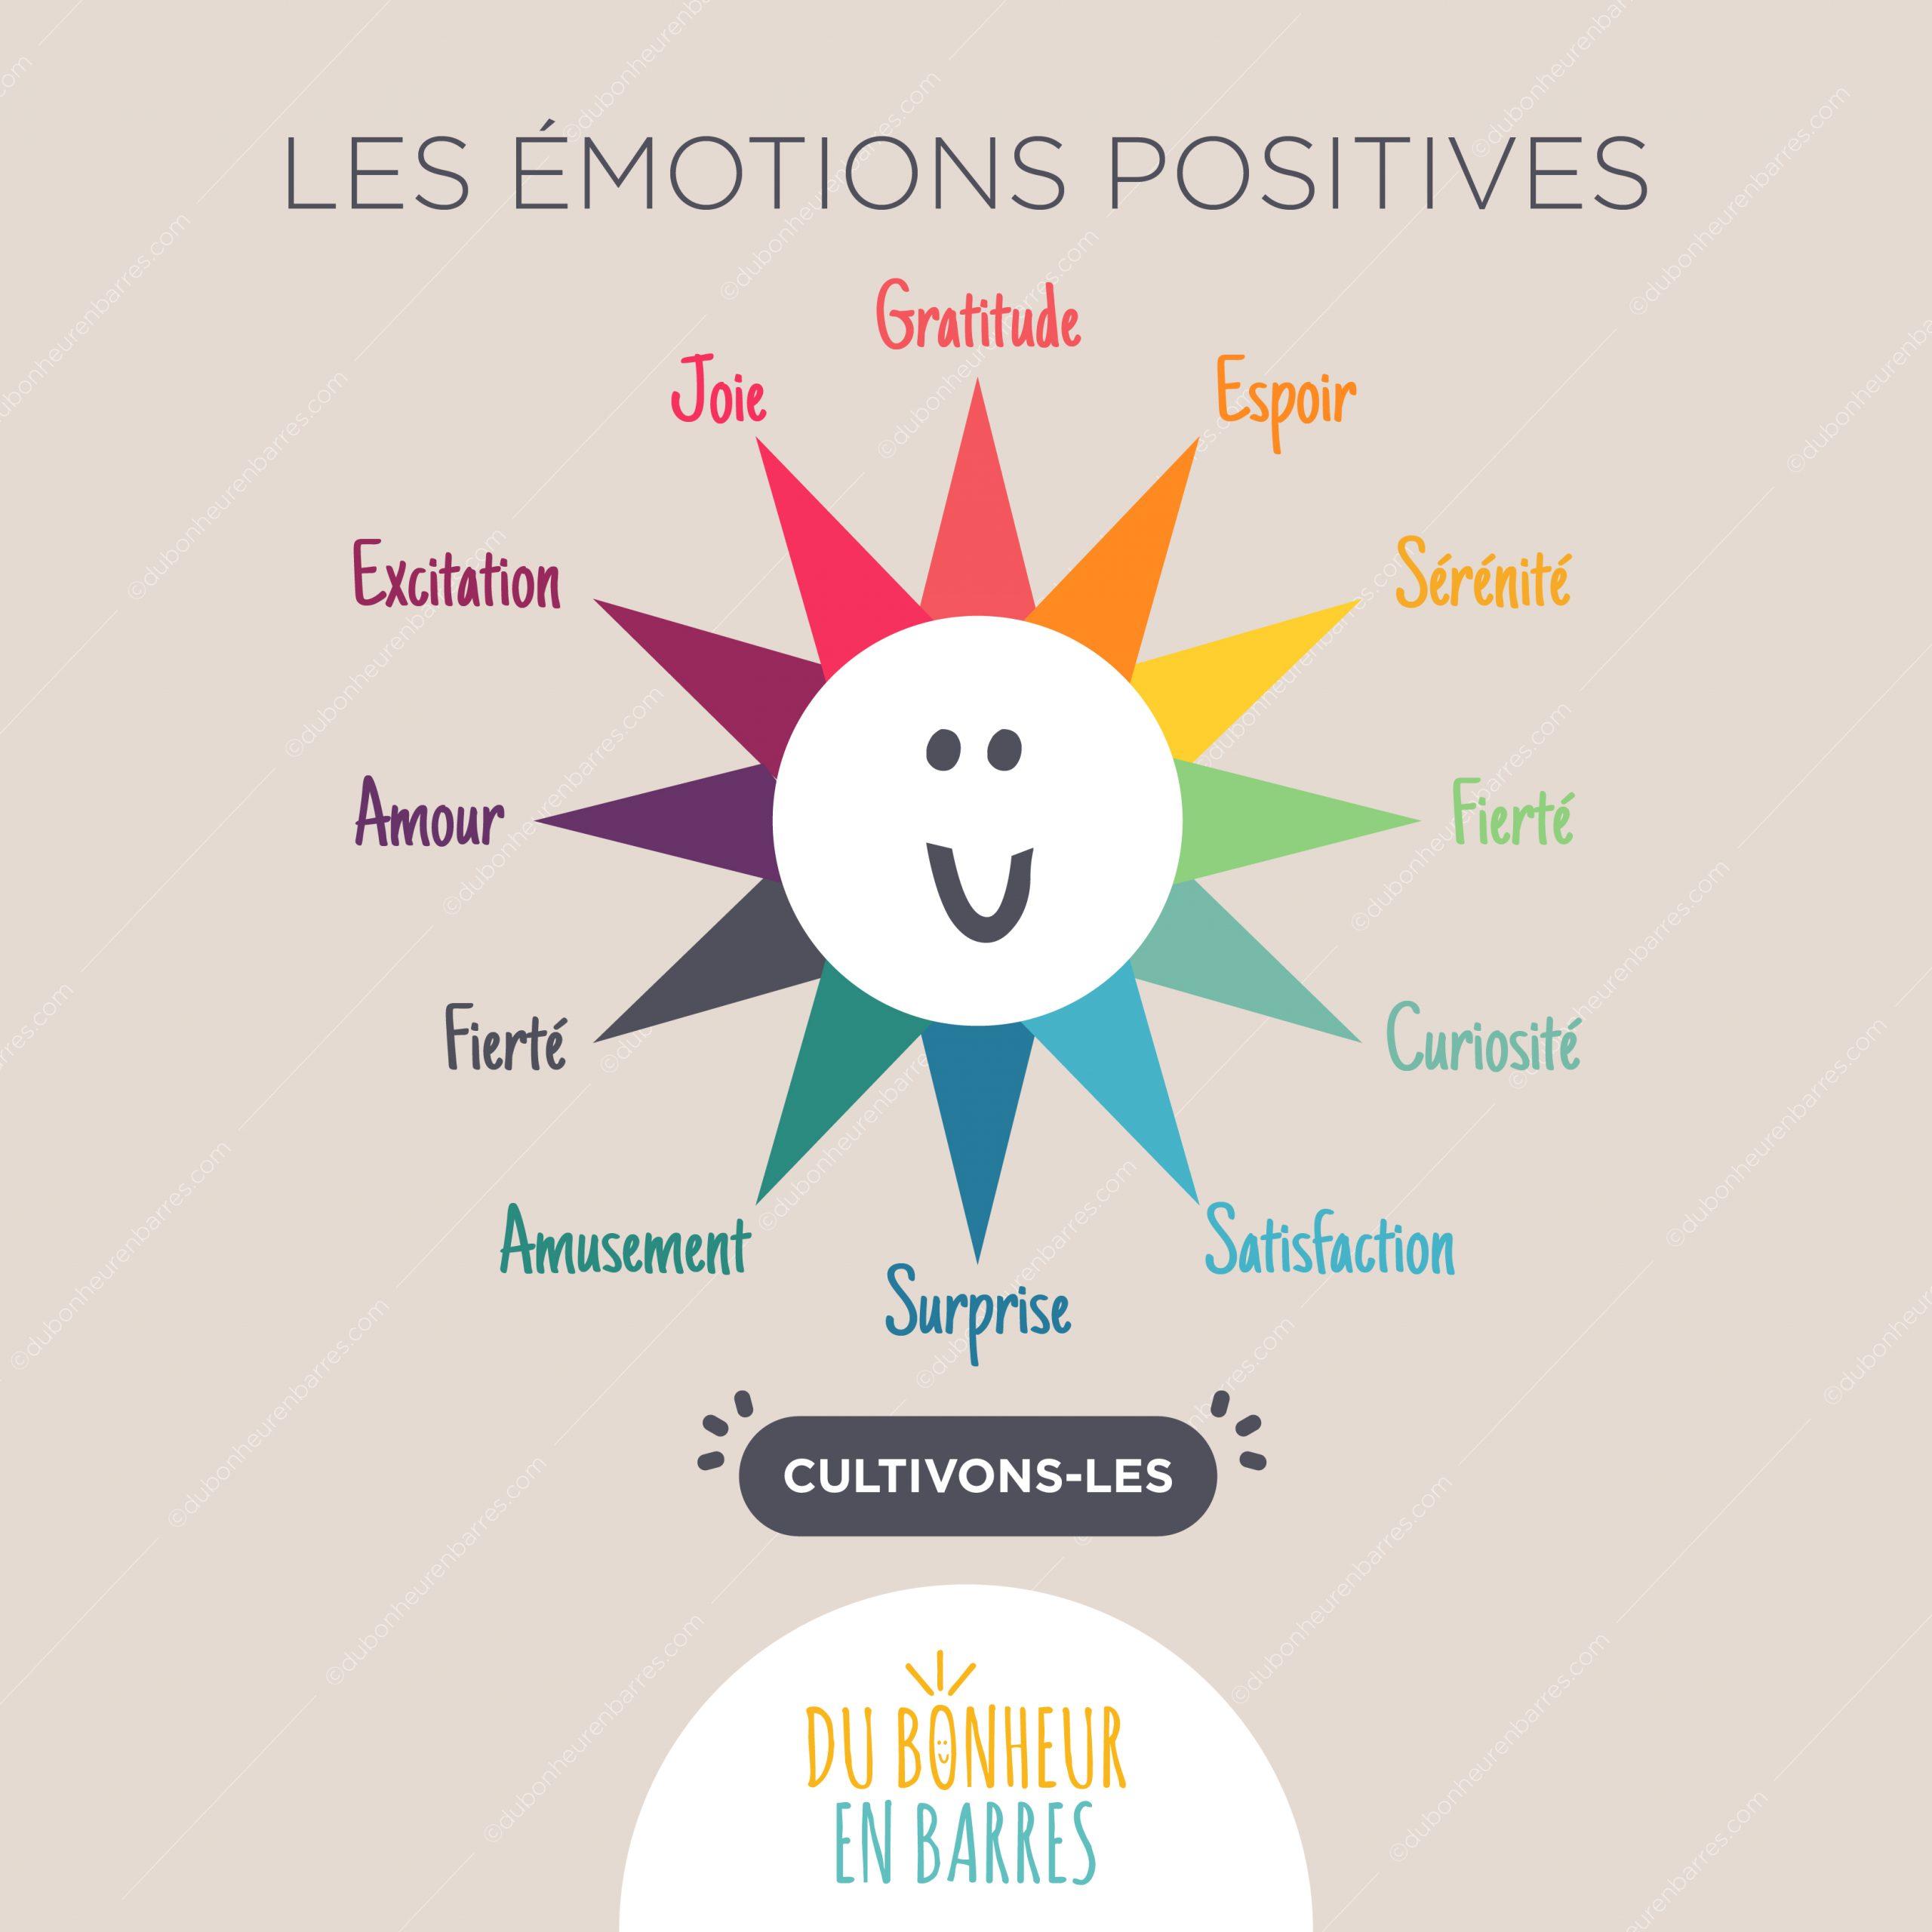 Les émotions agréables